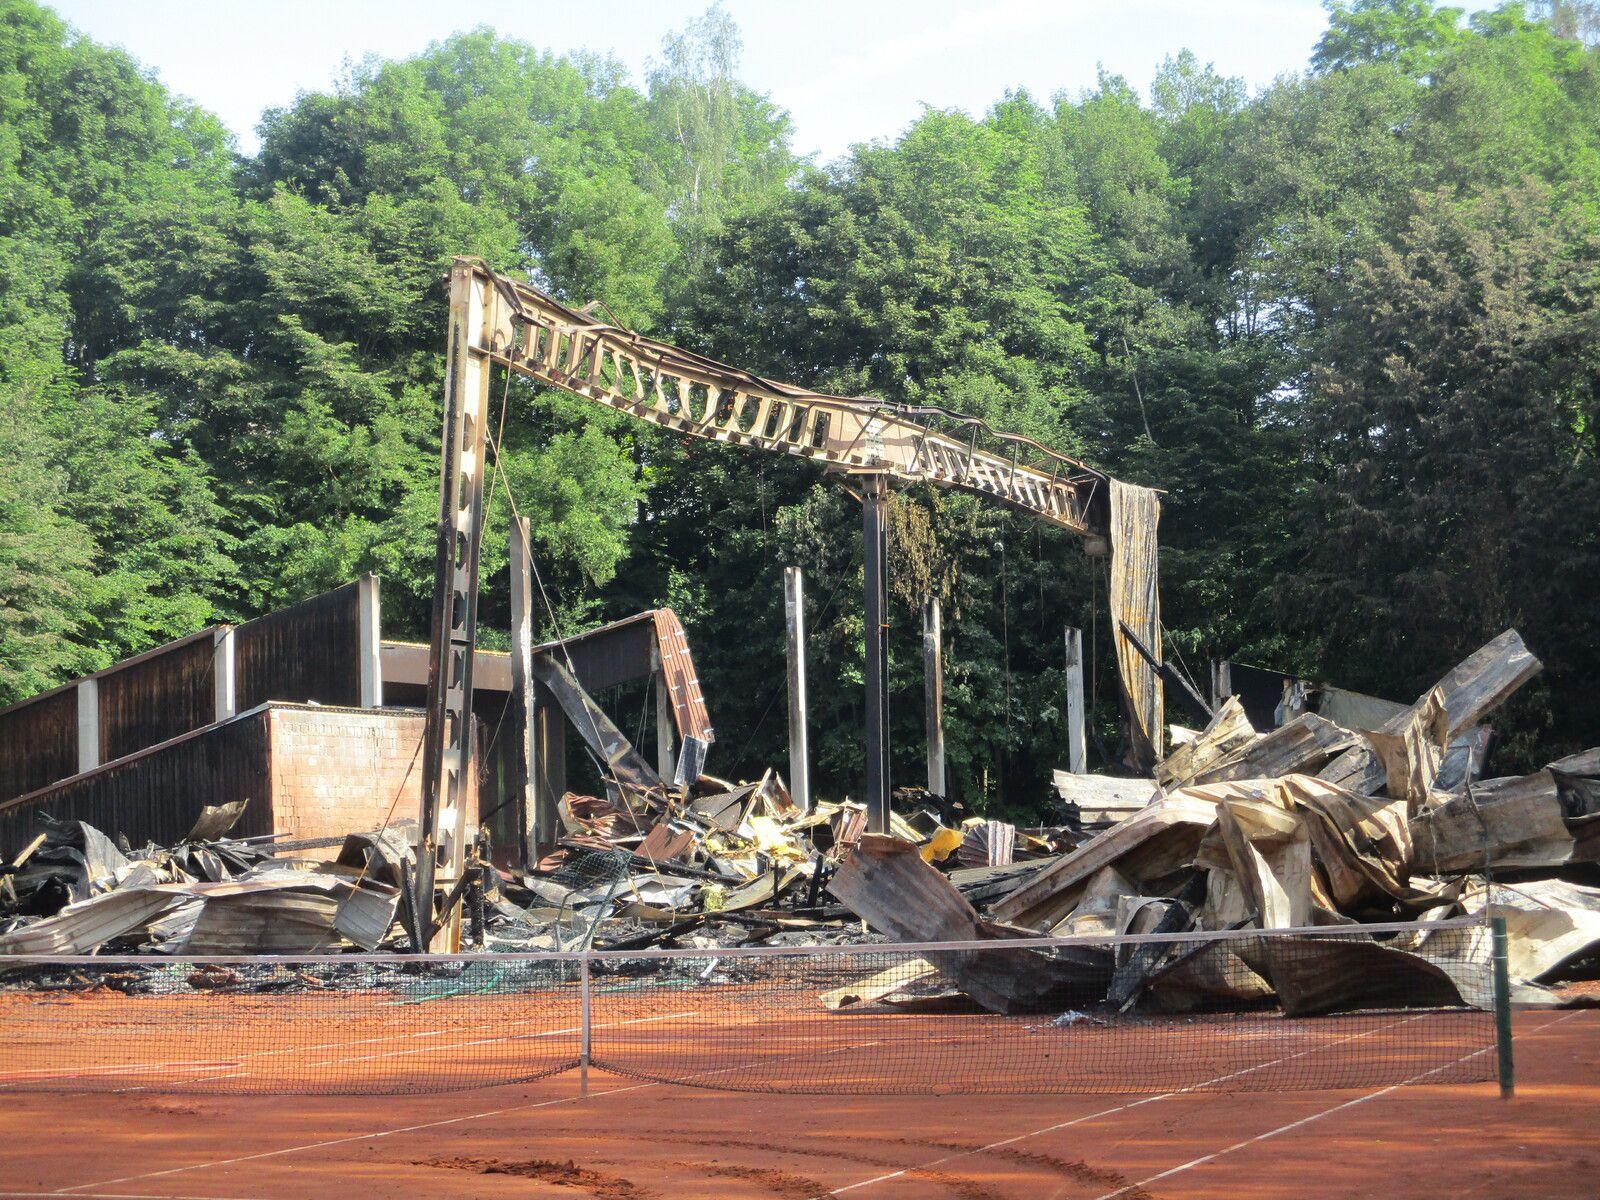 Tennishalle in Marktredwitz am 15. Juni 2021 völlig vom Feuer zerstört-